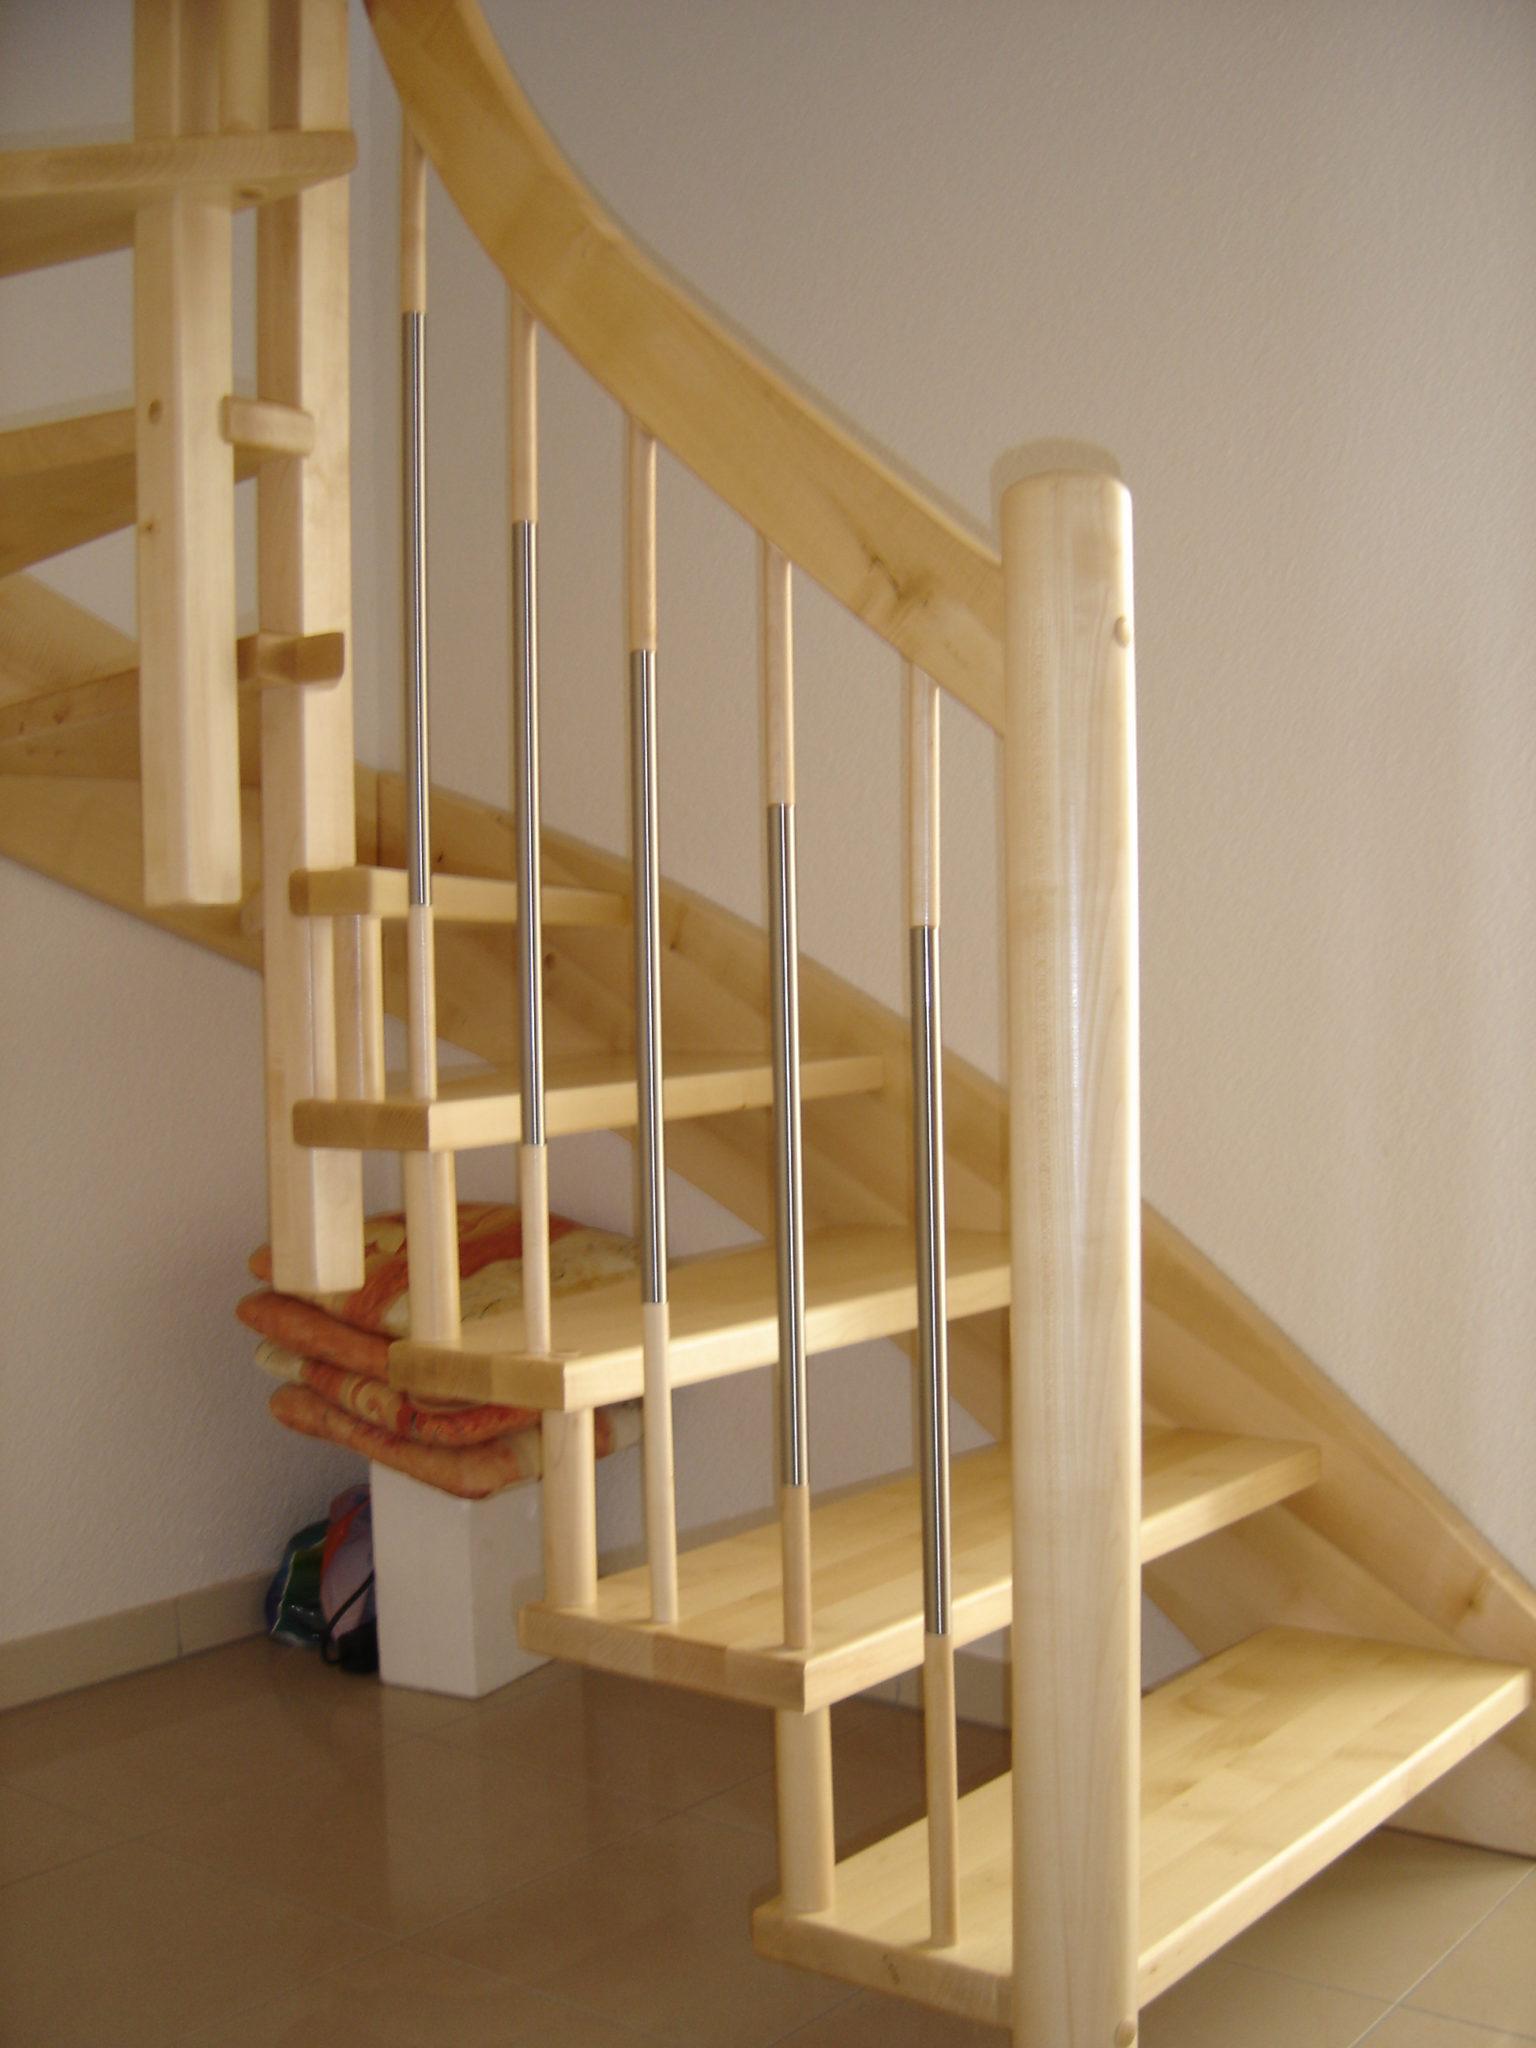 eingestemmte Holztreppe mit Distanzen zwischen den Stufen